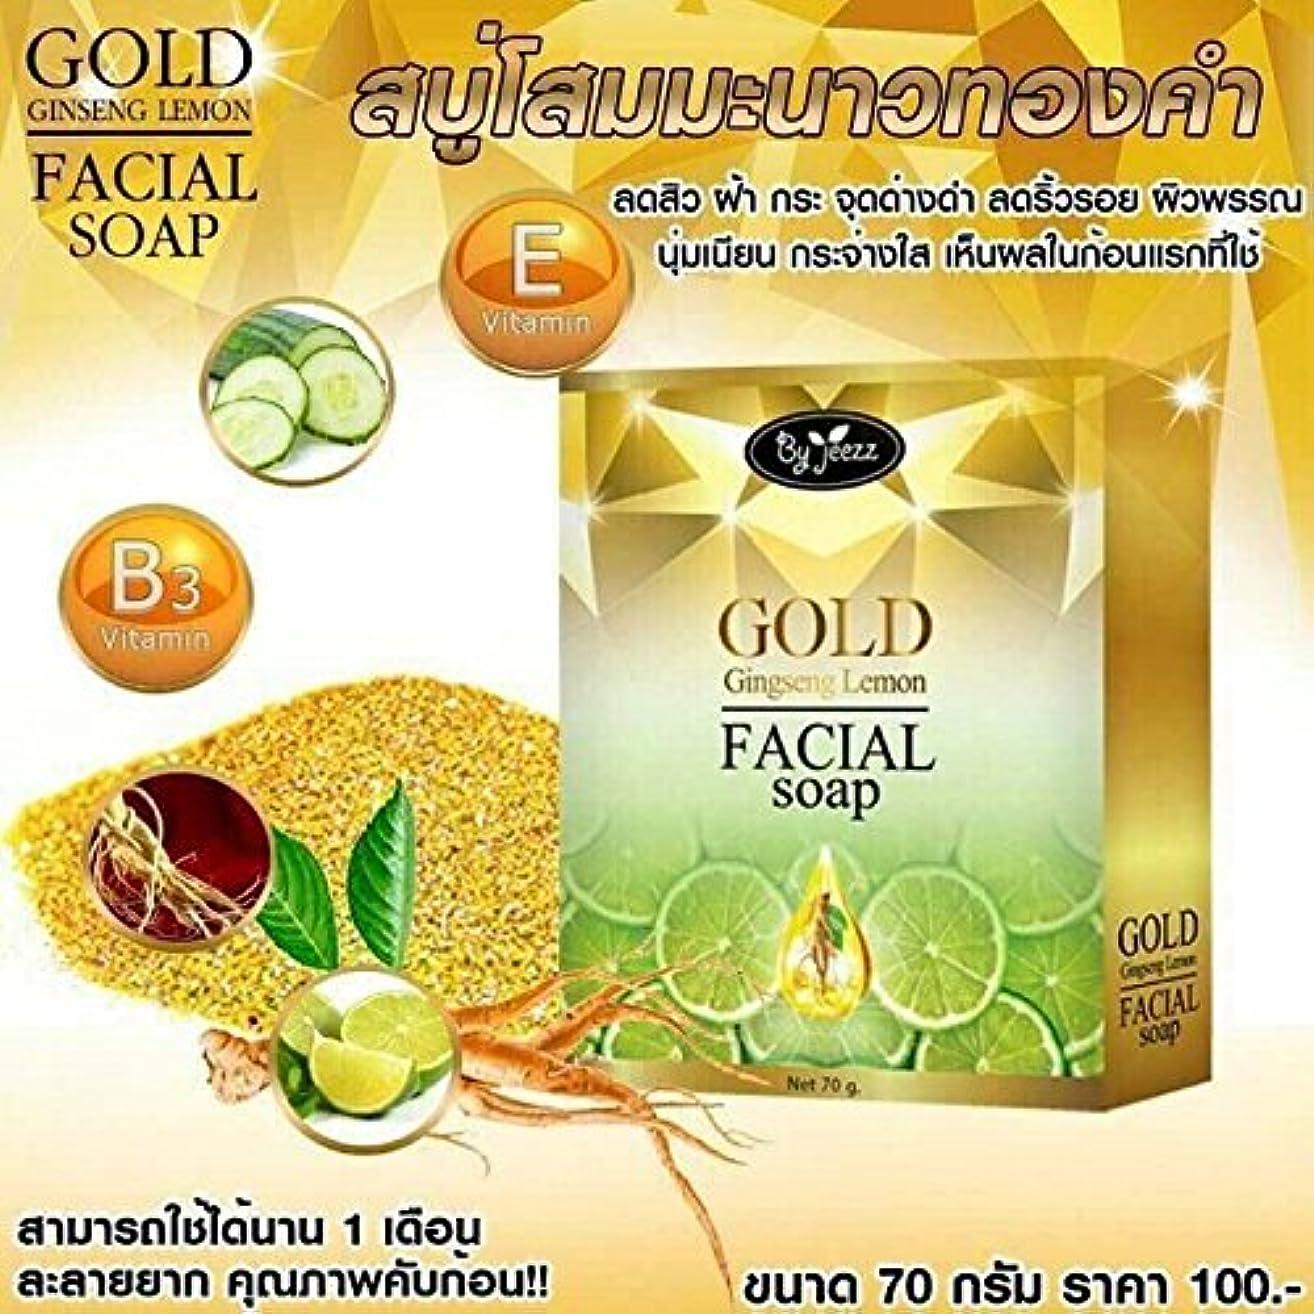 ジャンクション帰するマルクス主義者1 X Natural Herbal Whitening Soap. Ginseng Lemon Soap (Gold Ginseng Lemon Facial Soap by jeezz) 70 g. Free shipping